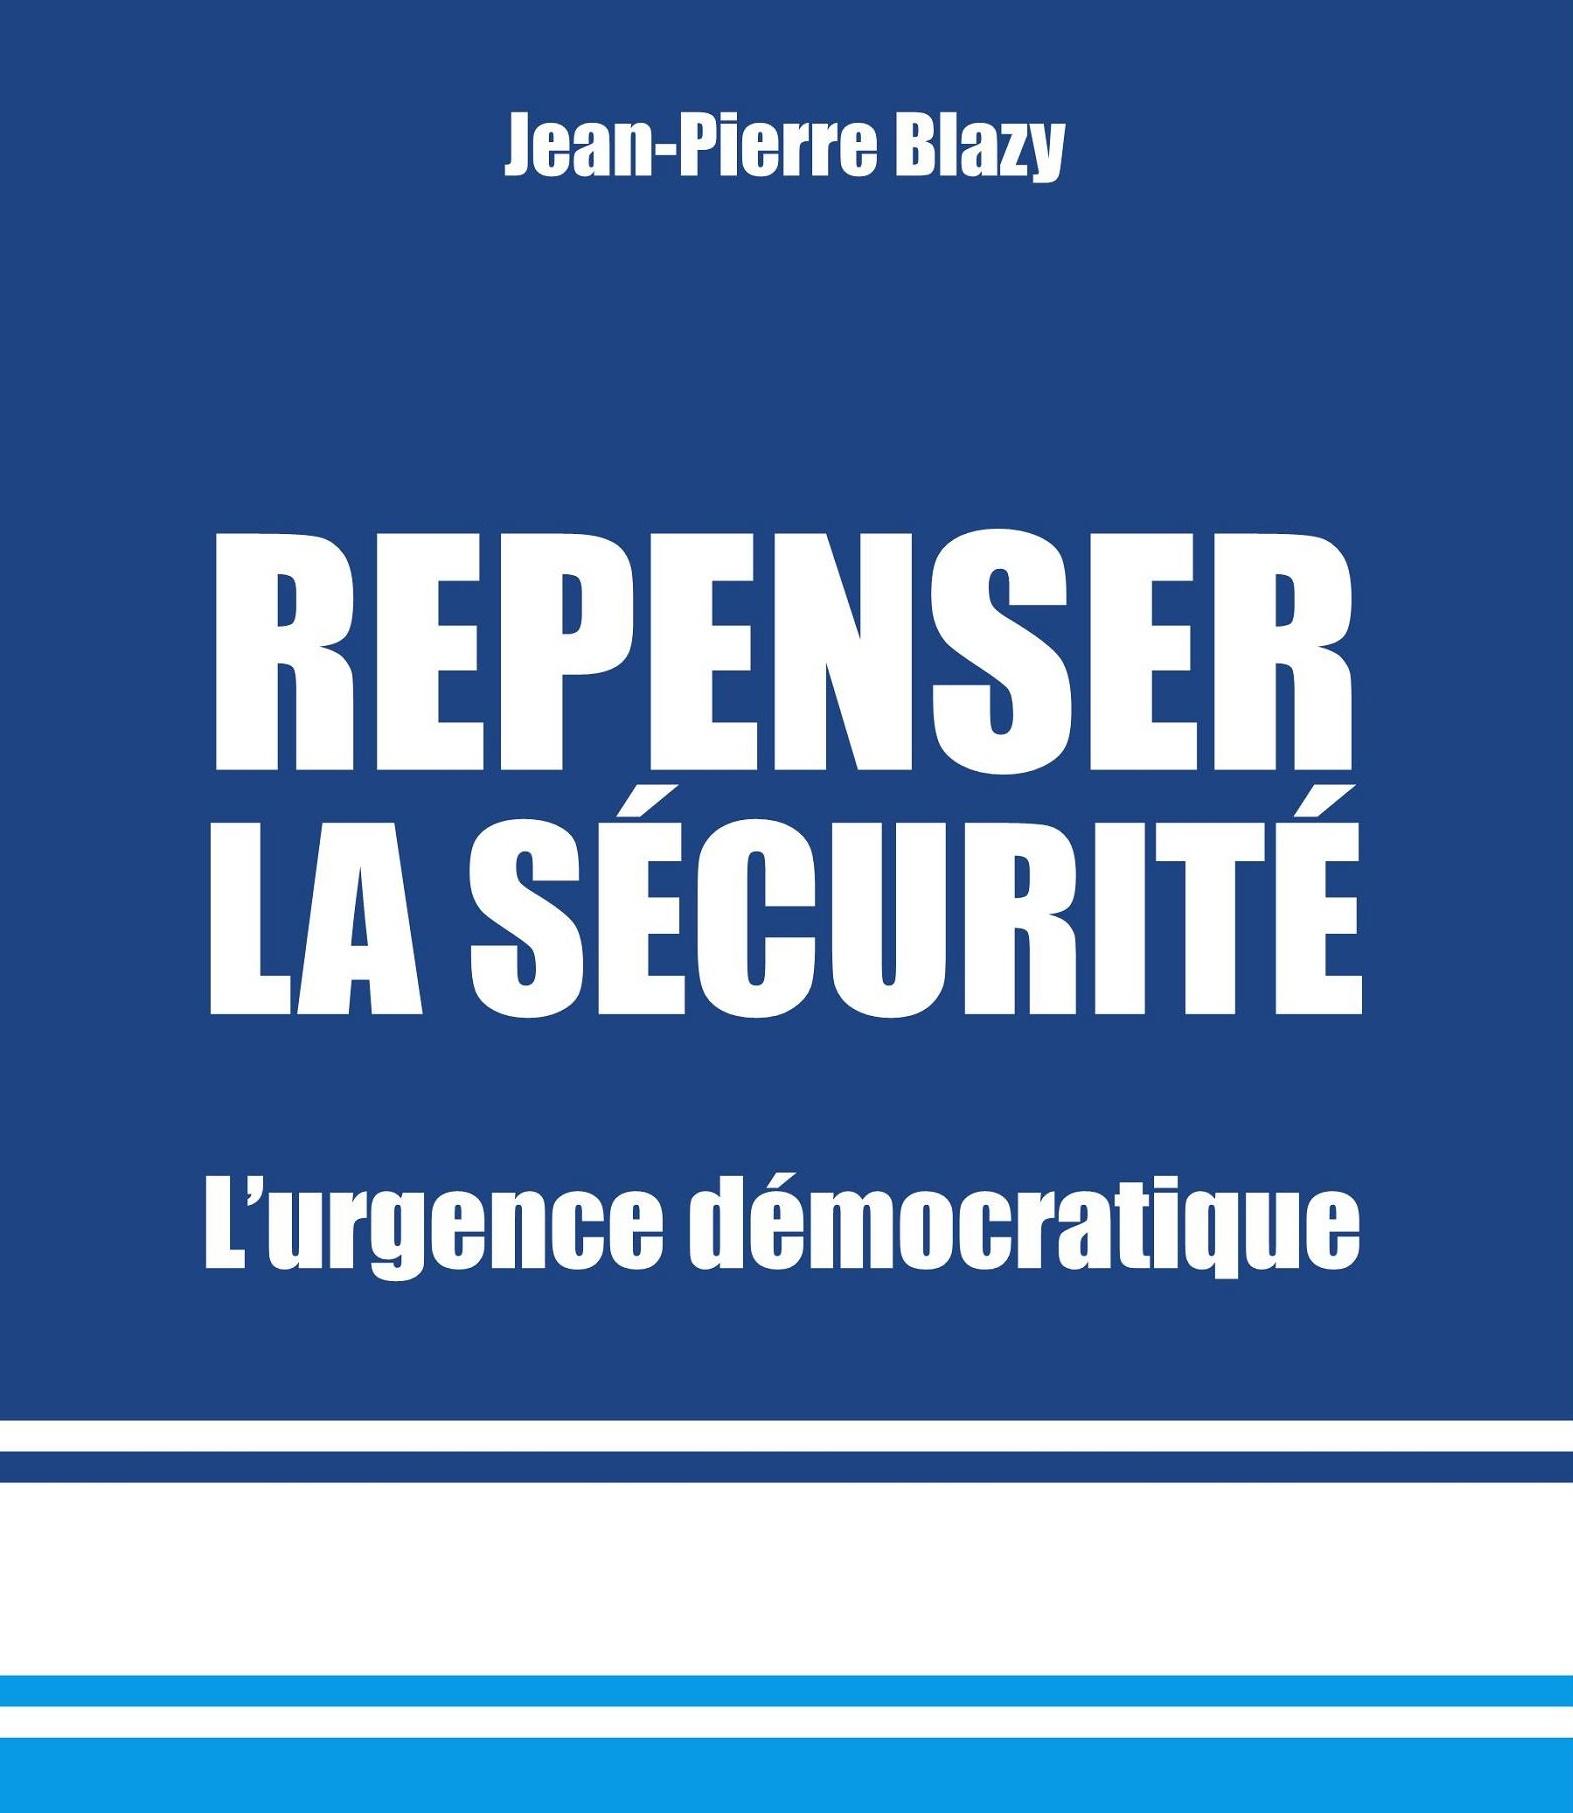 Repenser la sécurité – L'urgence démocratique